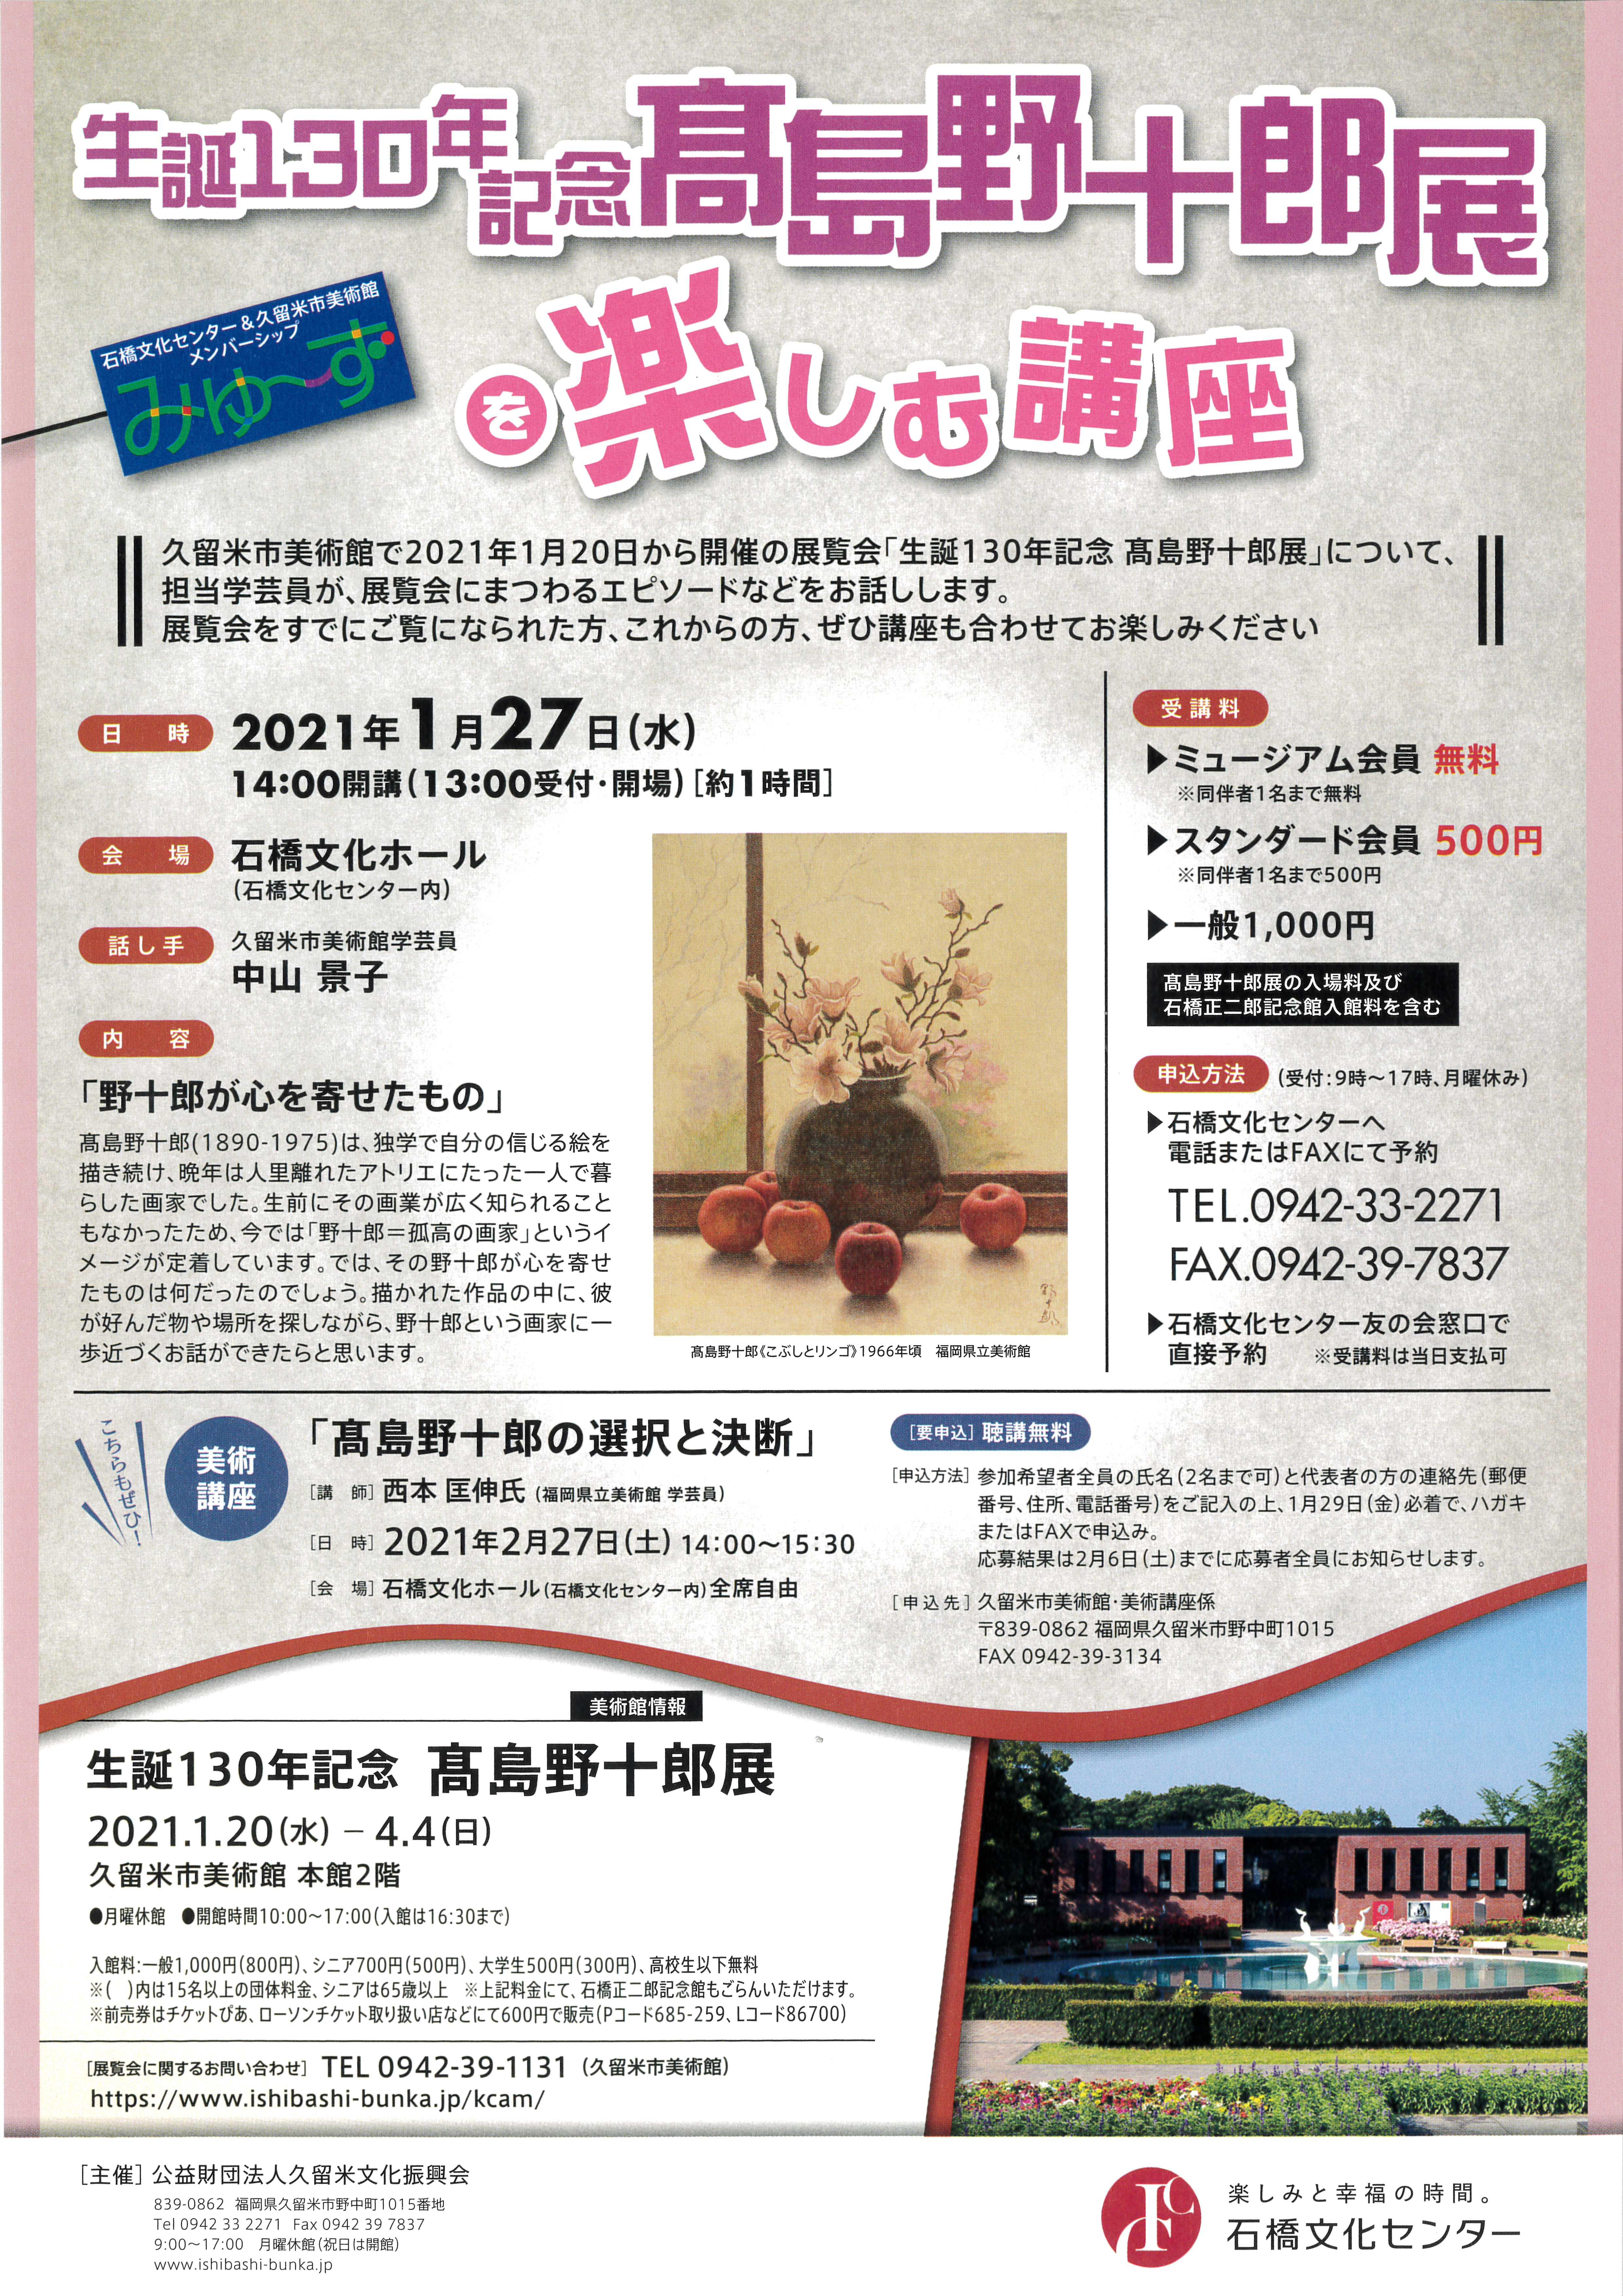 「生誕130年記念 髙島野十郎展」を楽しむ講座